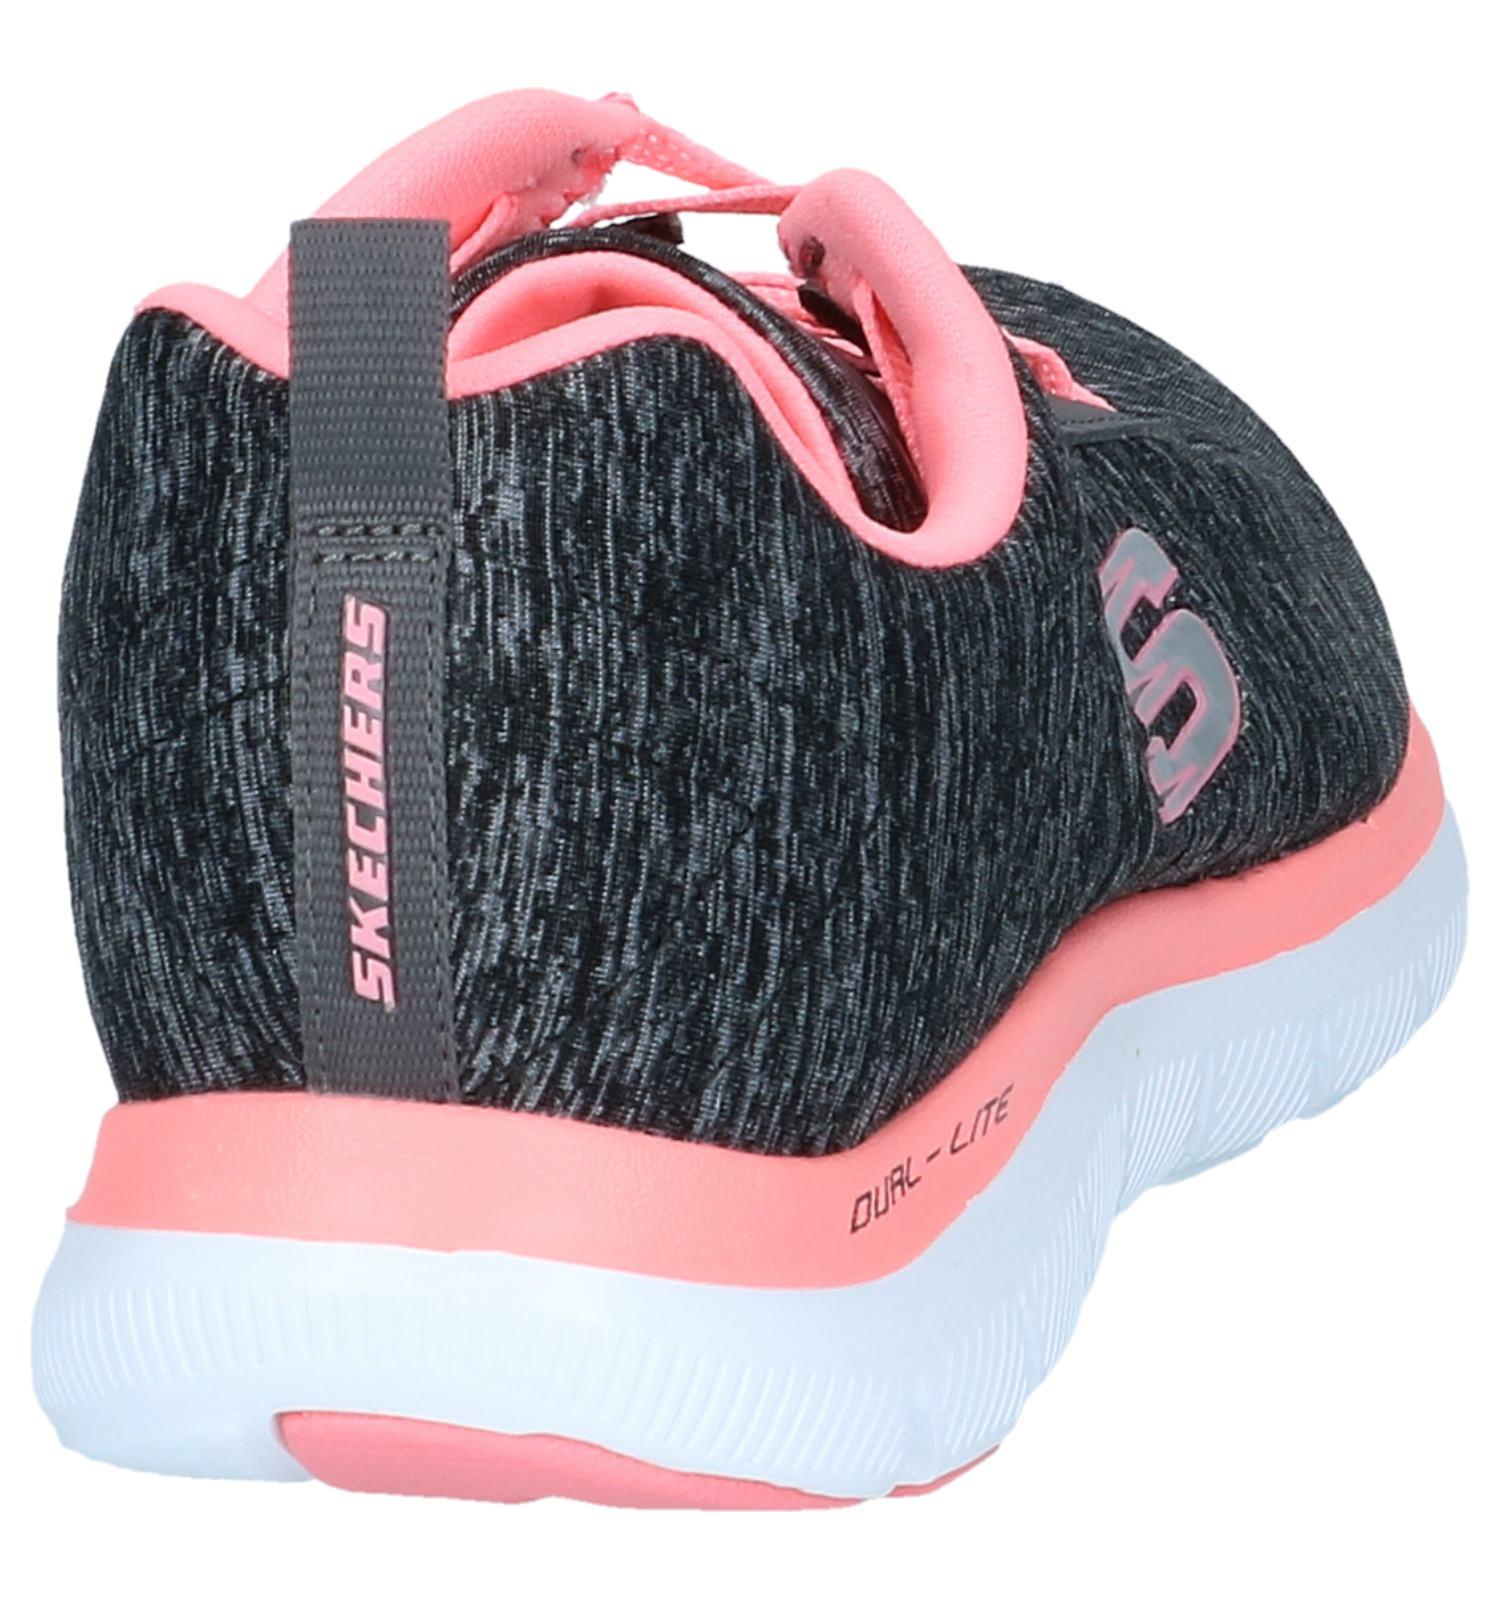 Donkergrijze Sneakers Skechers Flex Appeal | TORFS.BE